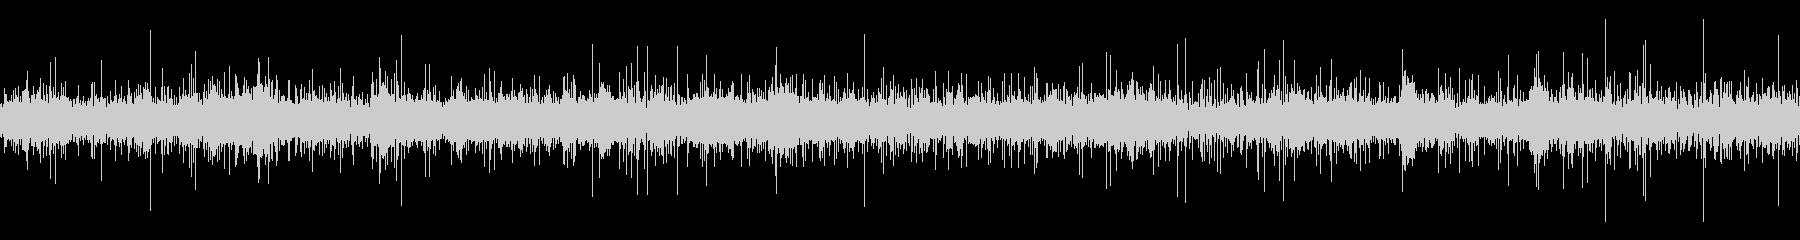 大浜海岸の波の音 9 【徳島】ループの未再生の波形